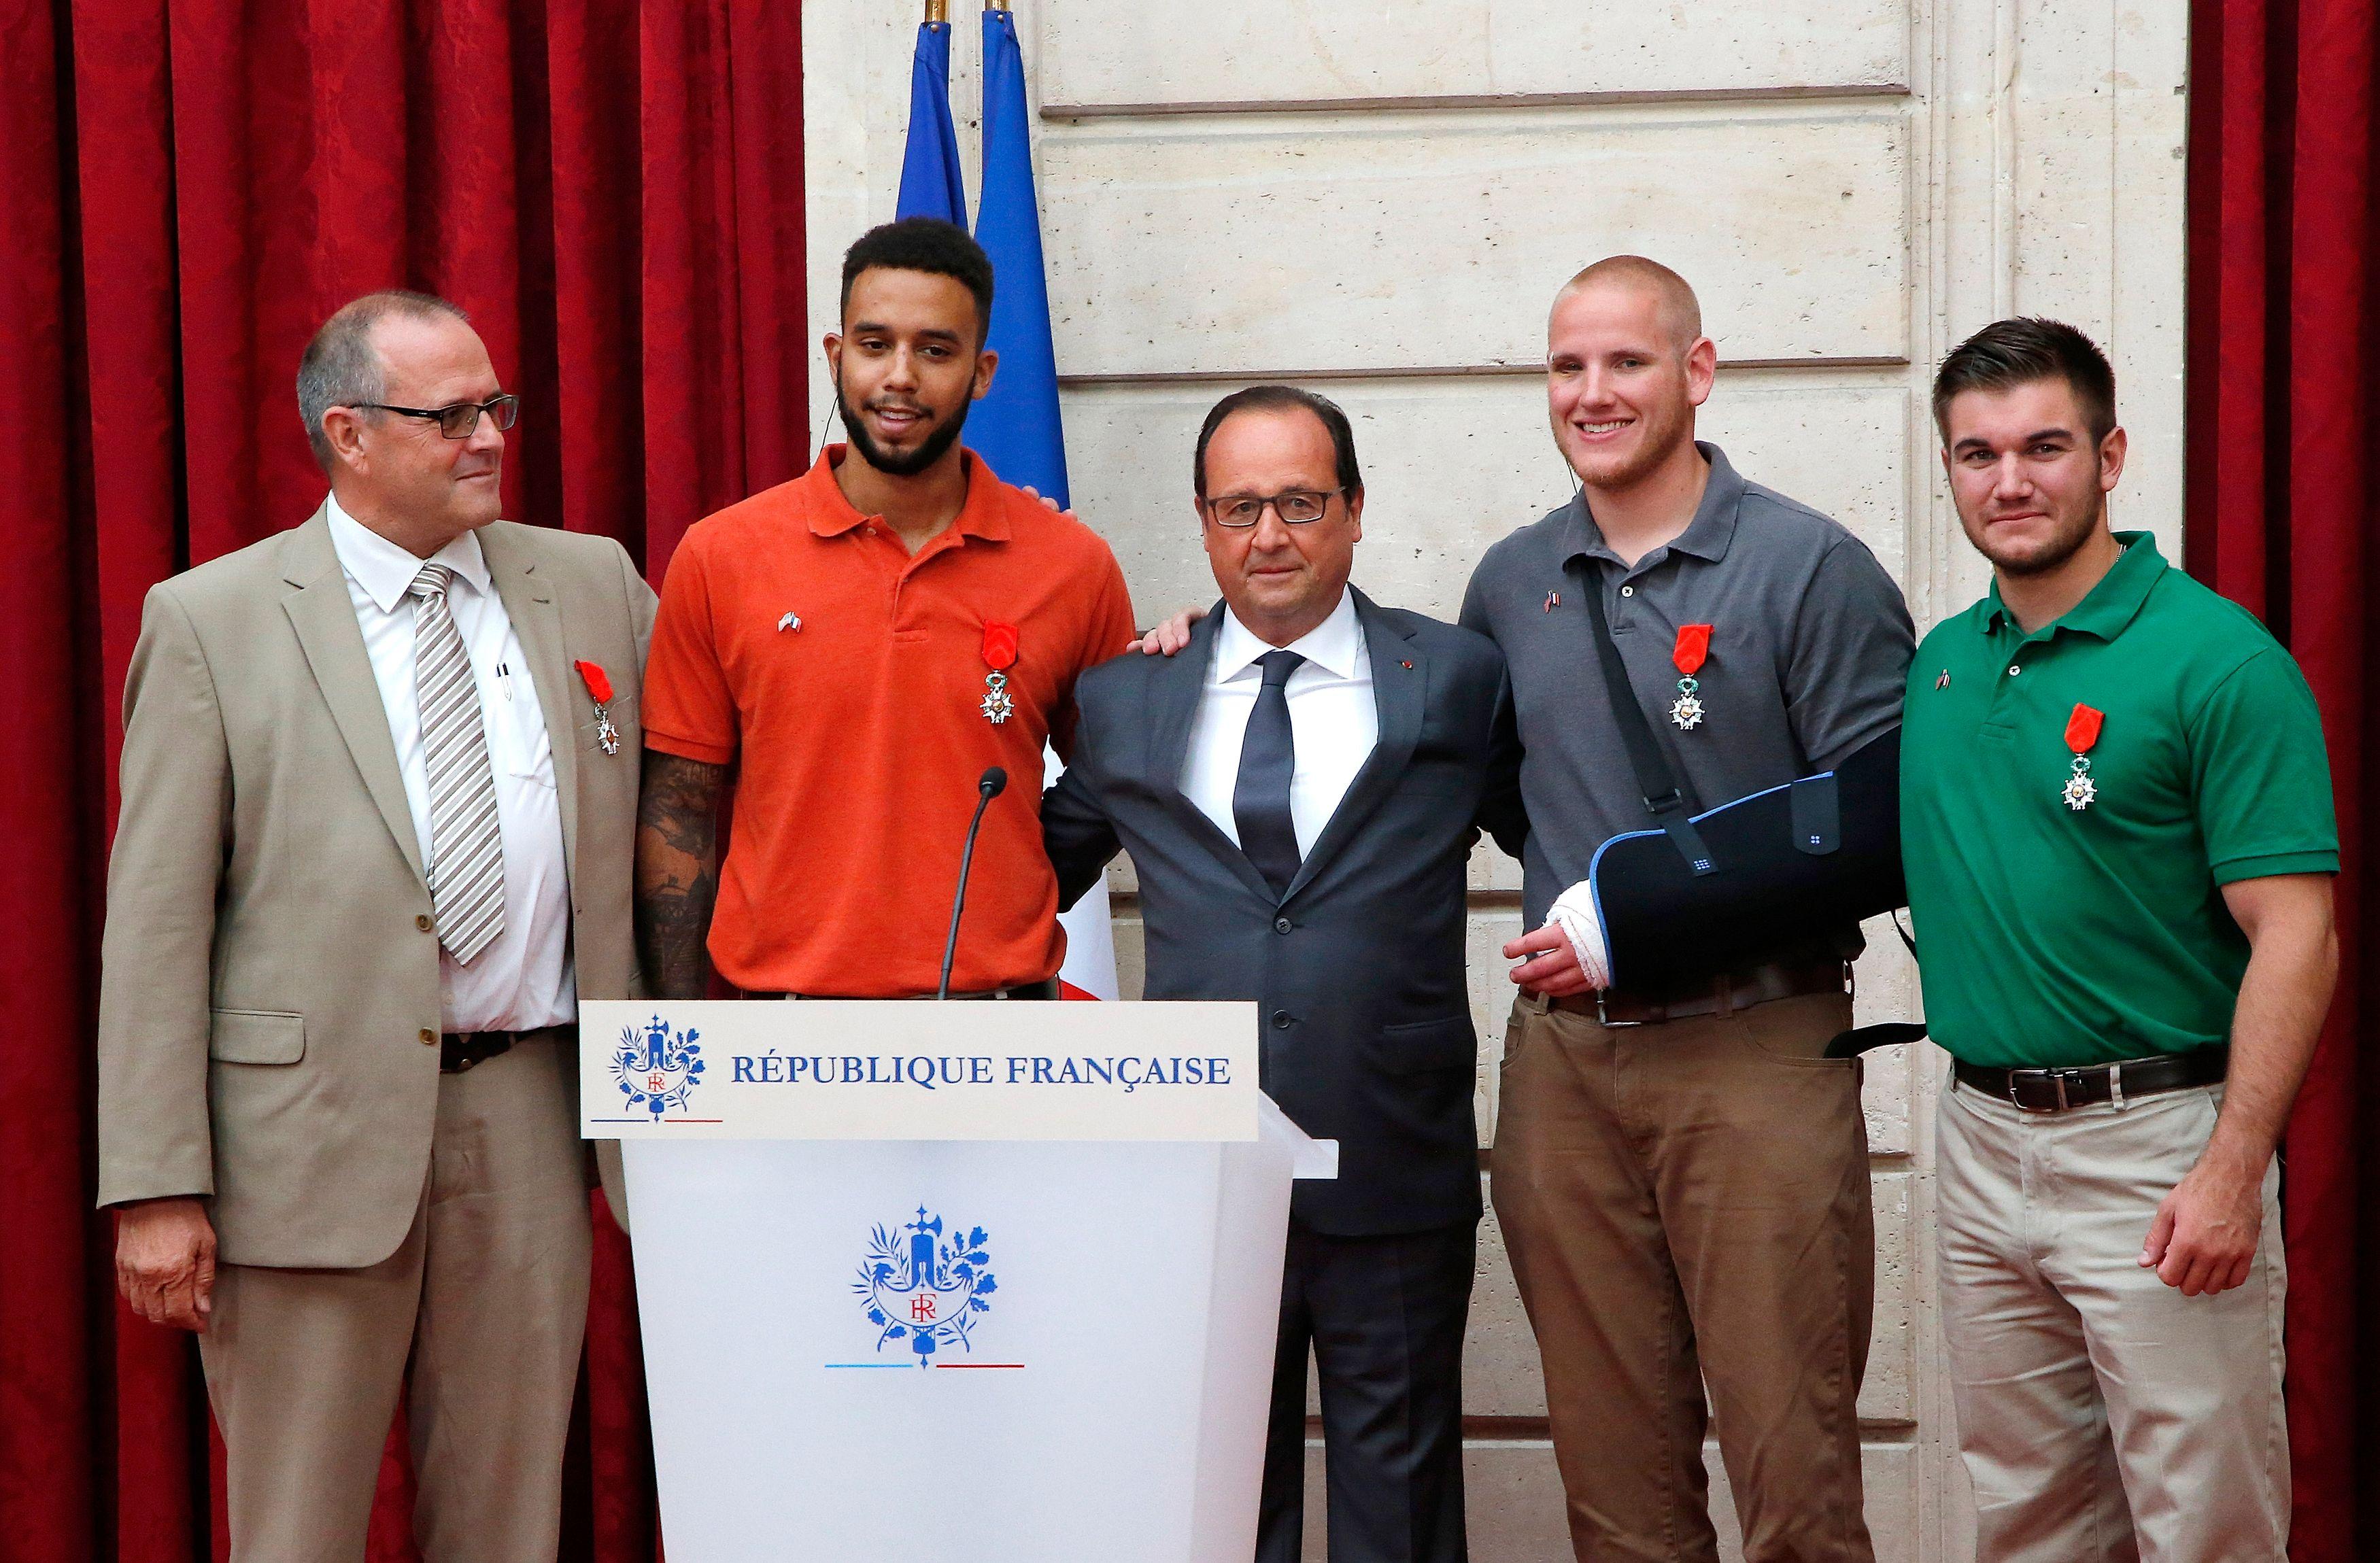 """François Hollande a rendu hommage lundi au """"courage"""" et au """"sang-froid"""" des trois Américains et du Britannique qui ont évité un attentat dans le Thalys."""